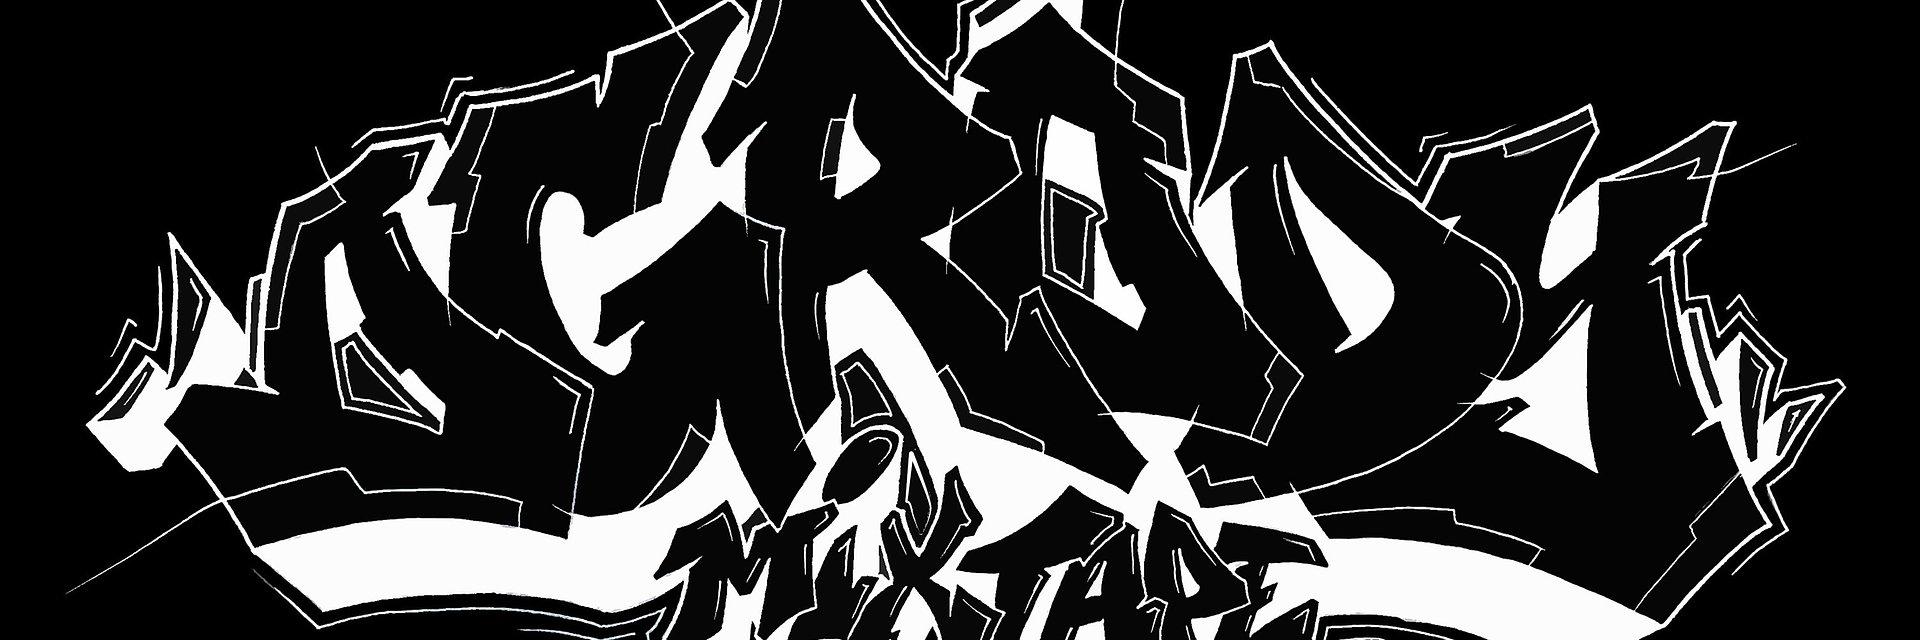 Kukon publikuje singiel z nadchodzącej płyty